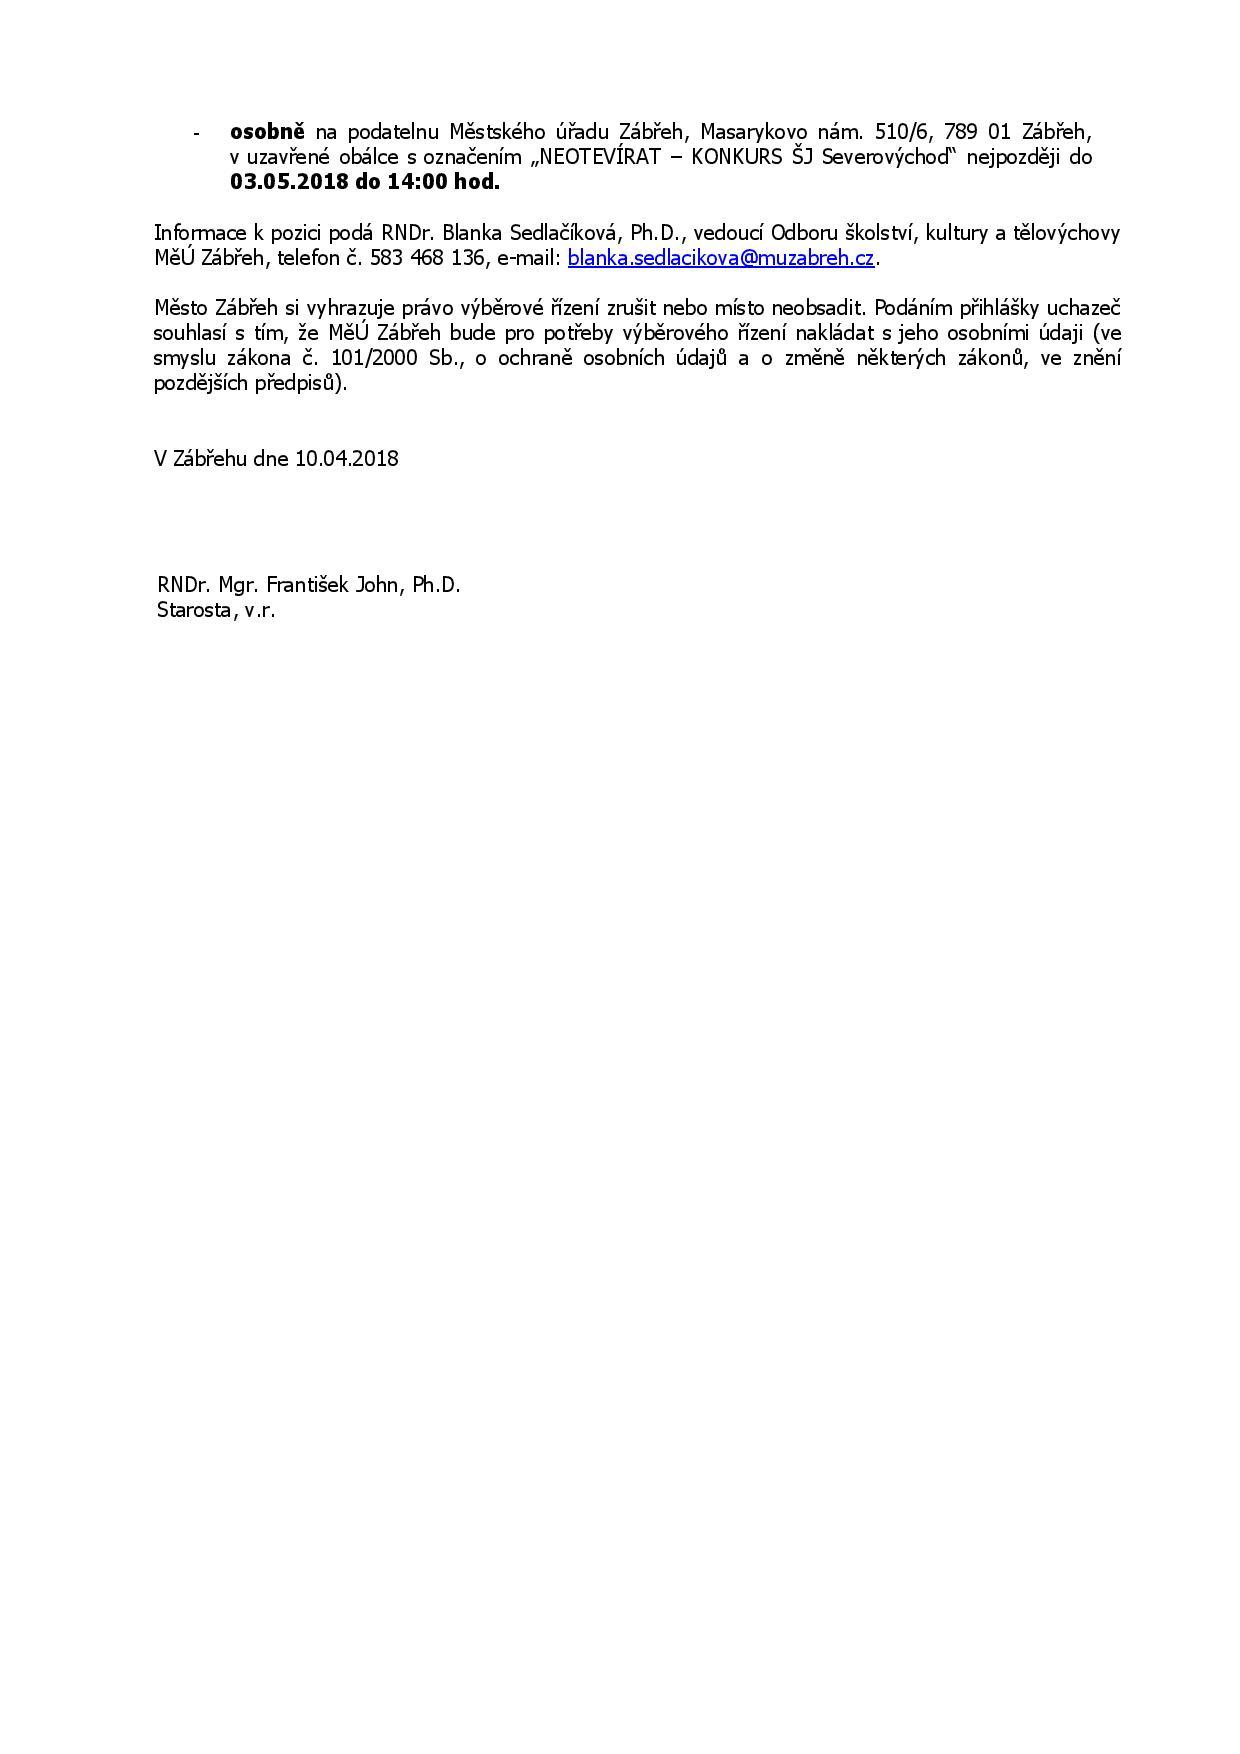 ŠJ_Severovýchod_vyhlášení_konkursu_a692baefd85f4cc999870a2c709e7575 (1)-page-002 (1)